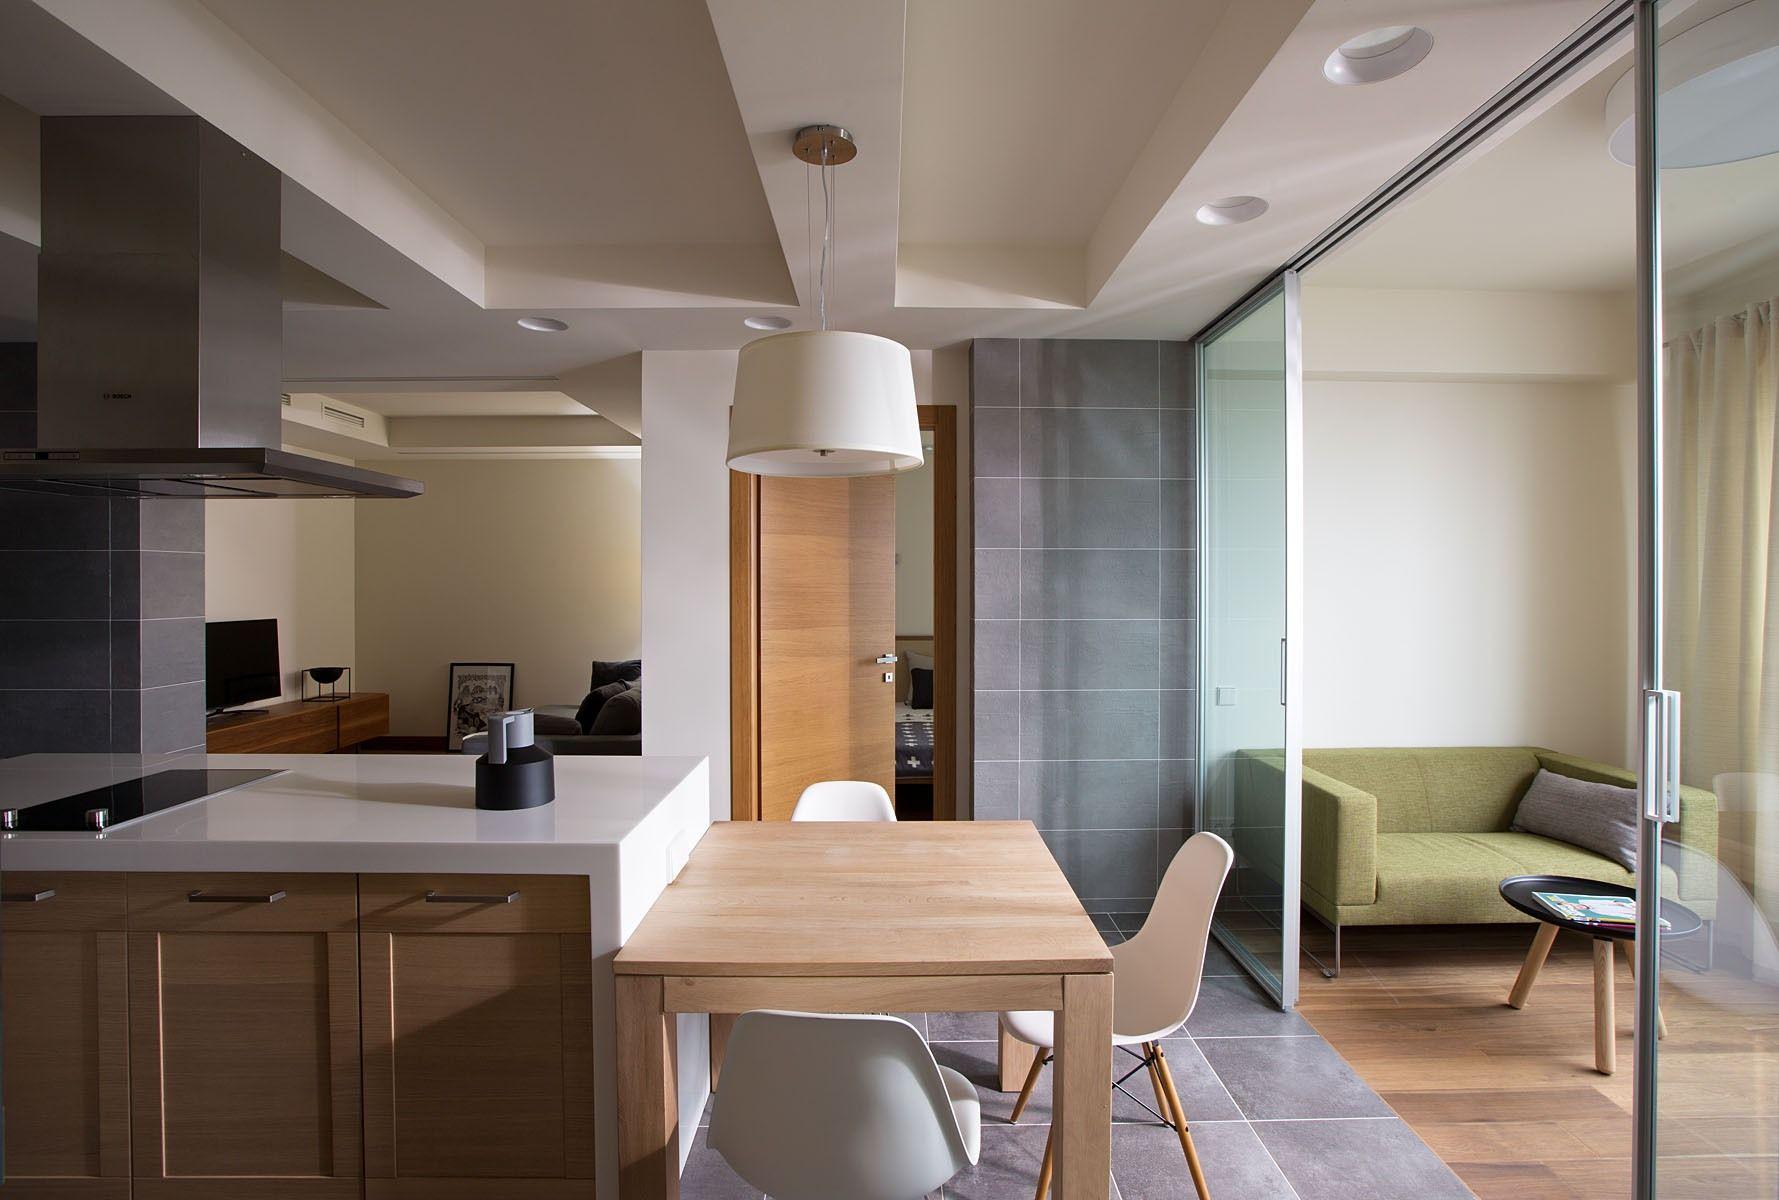 Перегородка между кухней и гостиной стеклянная